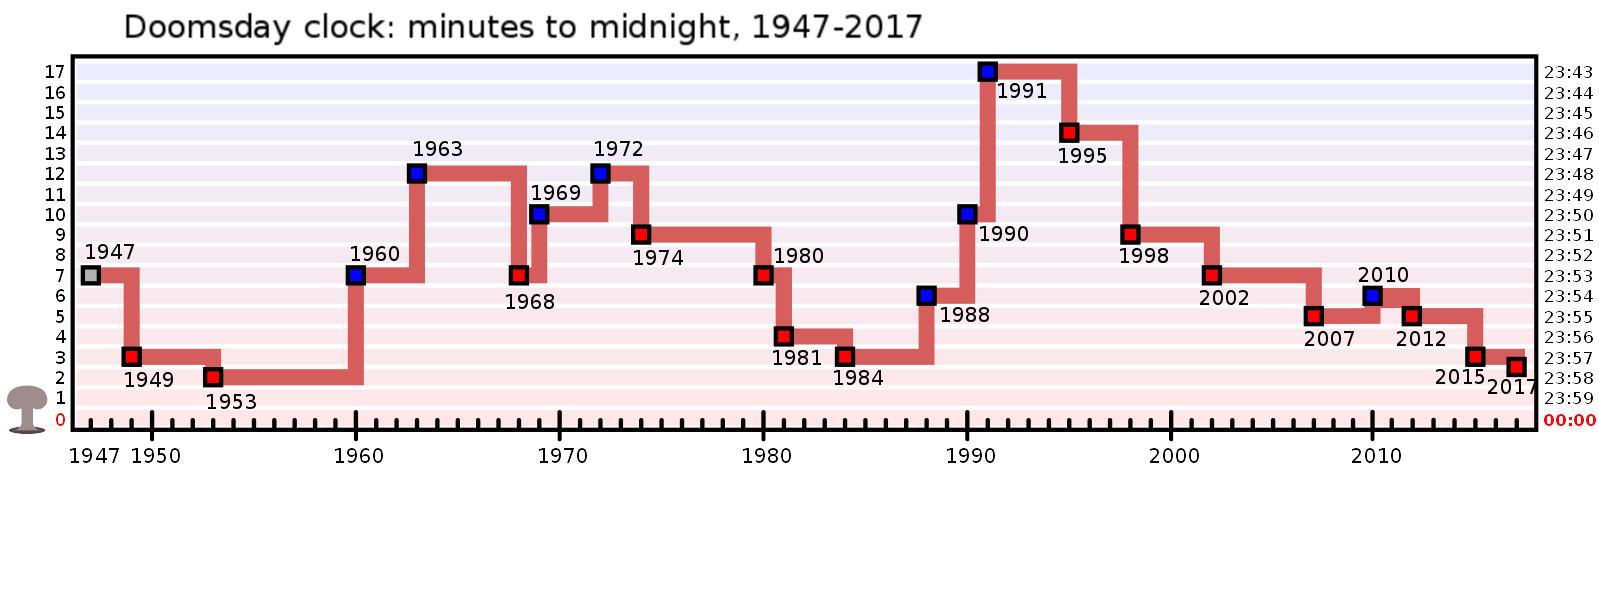 Reloj del fin del mundo avanza: quedan dos minutos para media noche